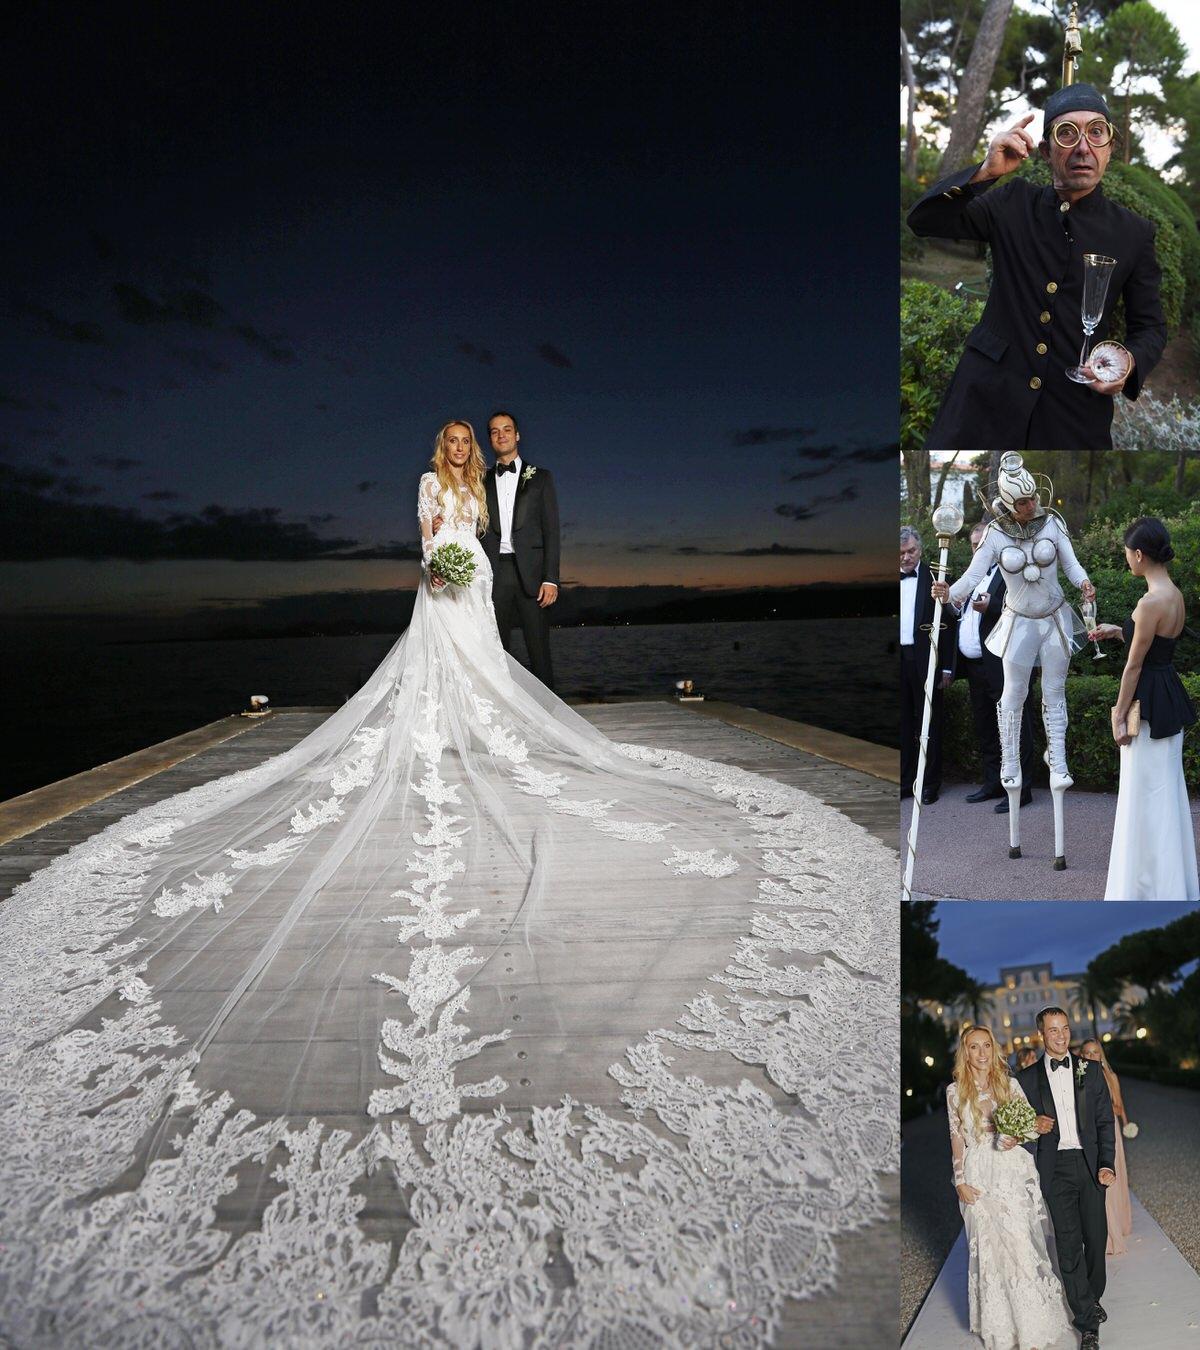 french-wedding-wedding-in-france-destination-wedding-photographer_0022.jpg